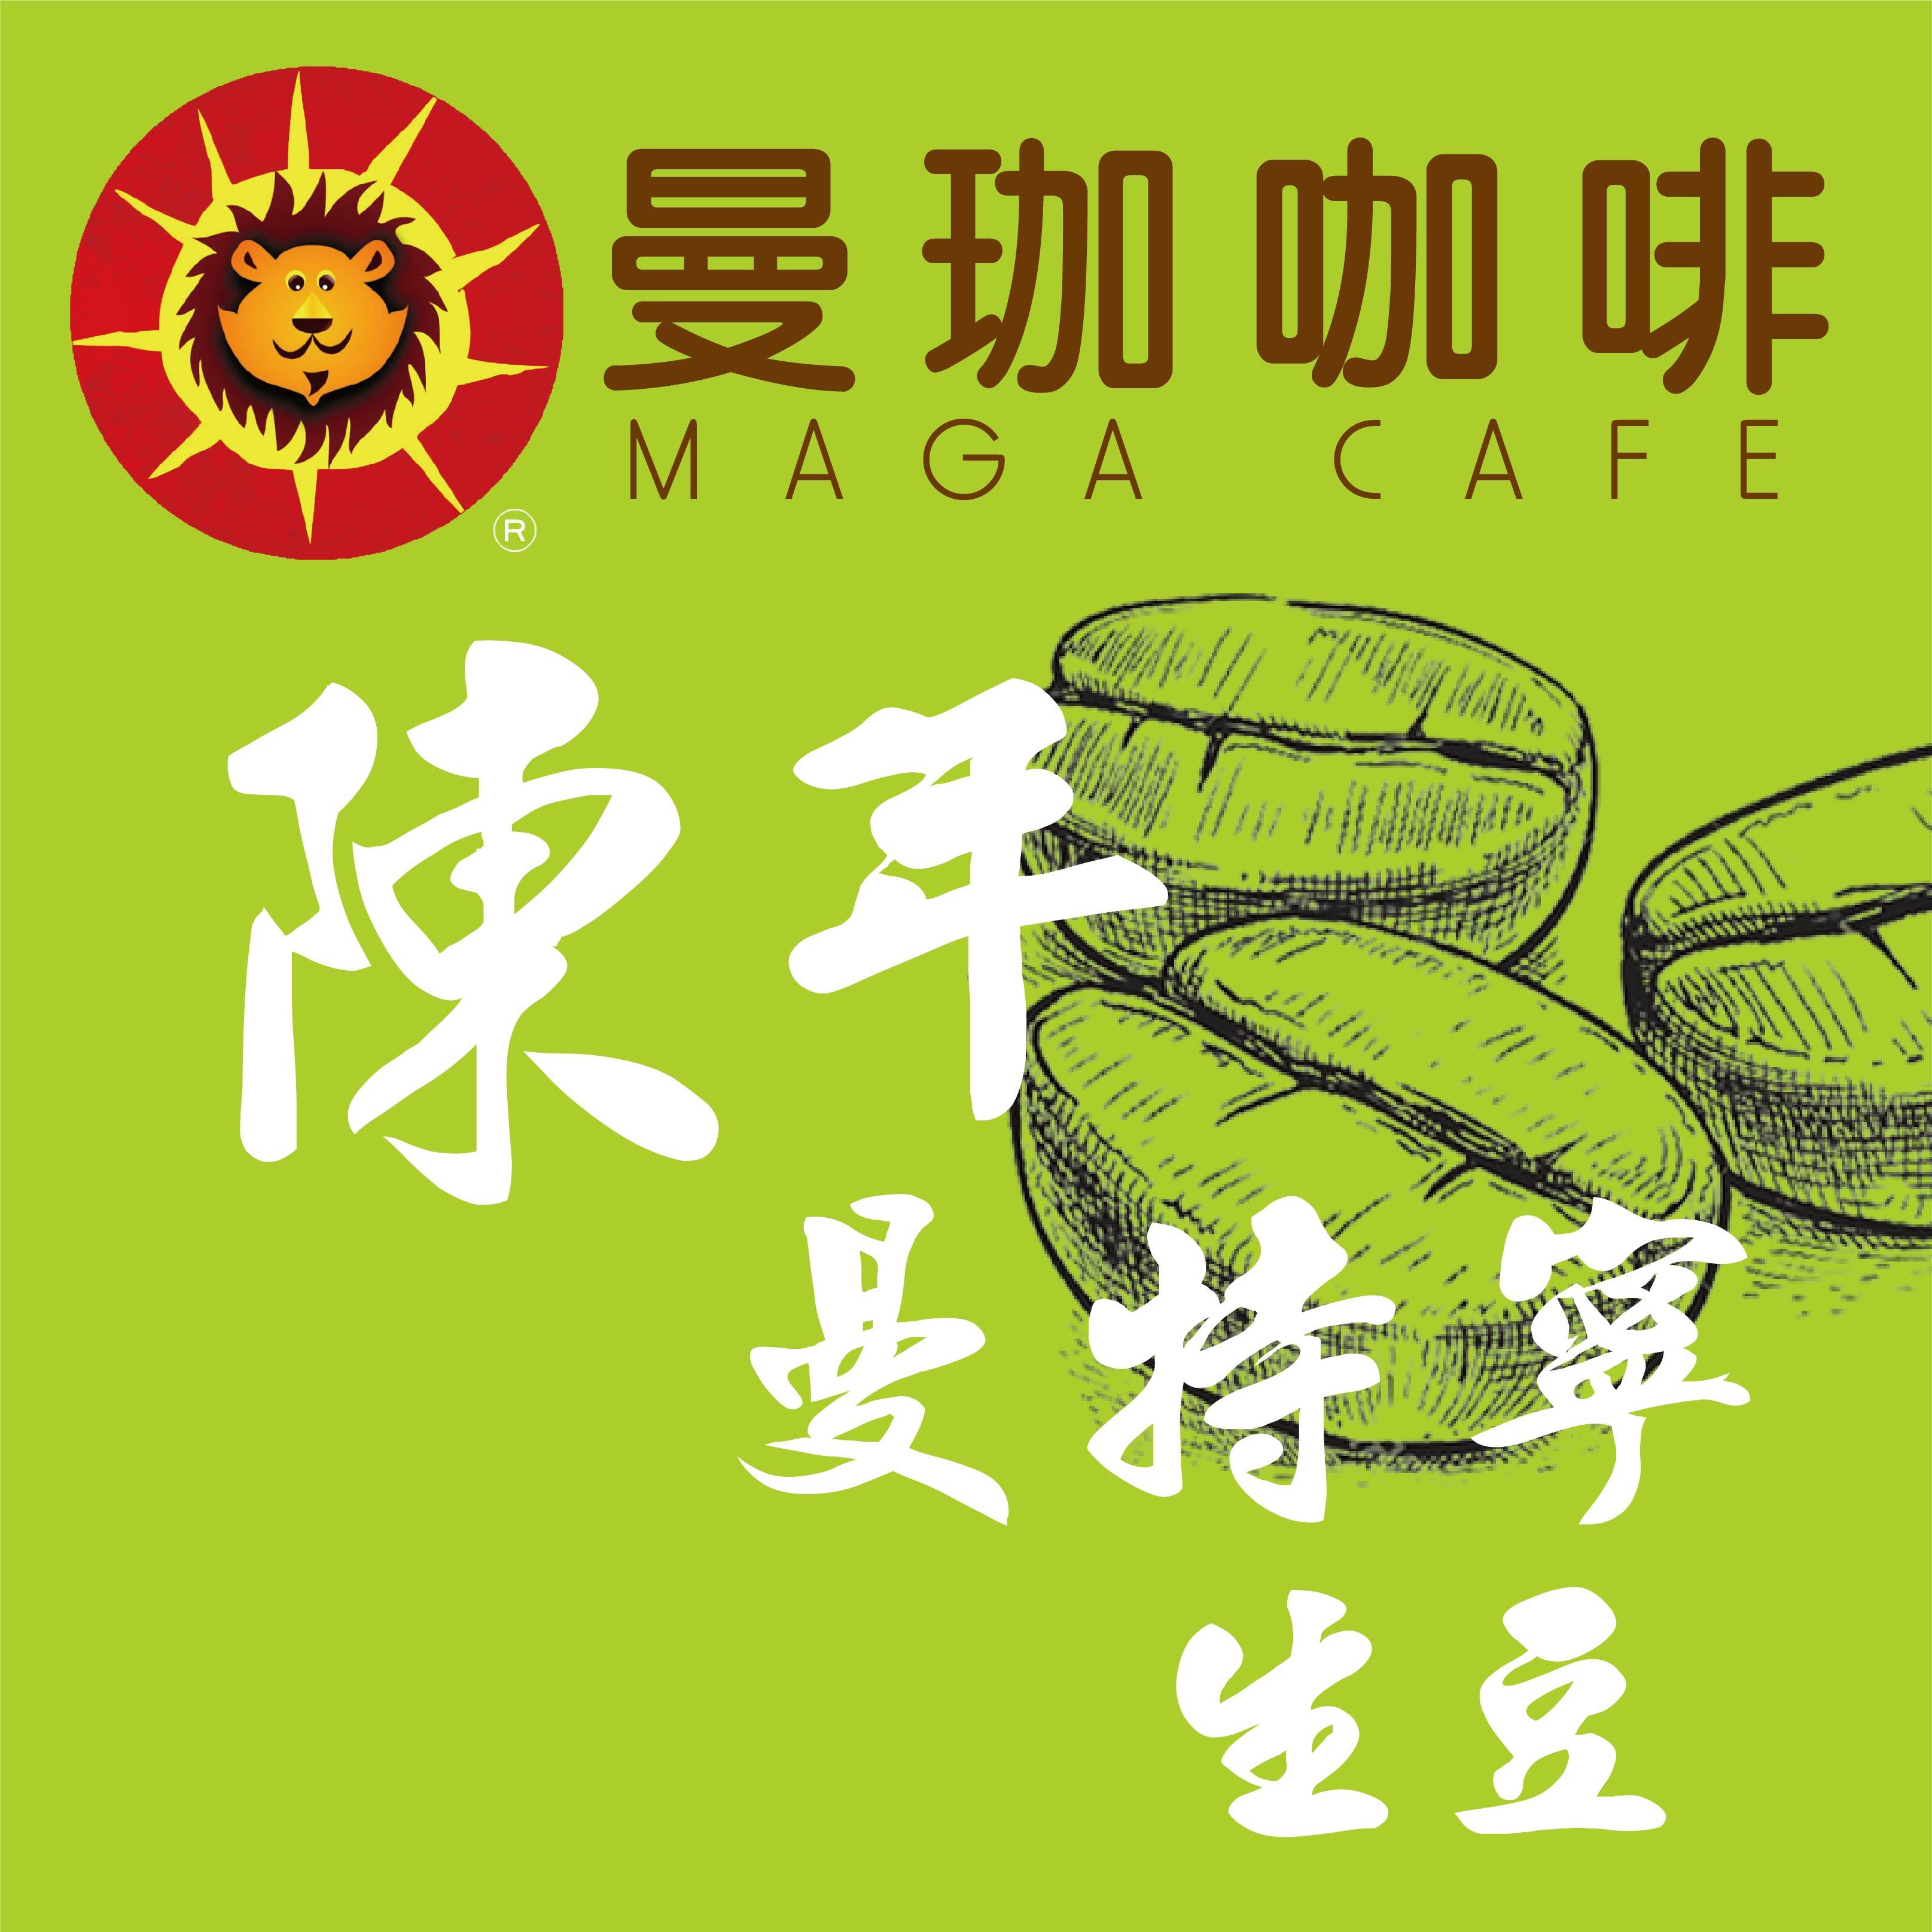 曼珈咖啡【陳年曼特寧 19-20目】咖啡生豆 1公斤